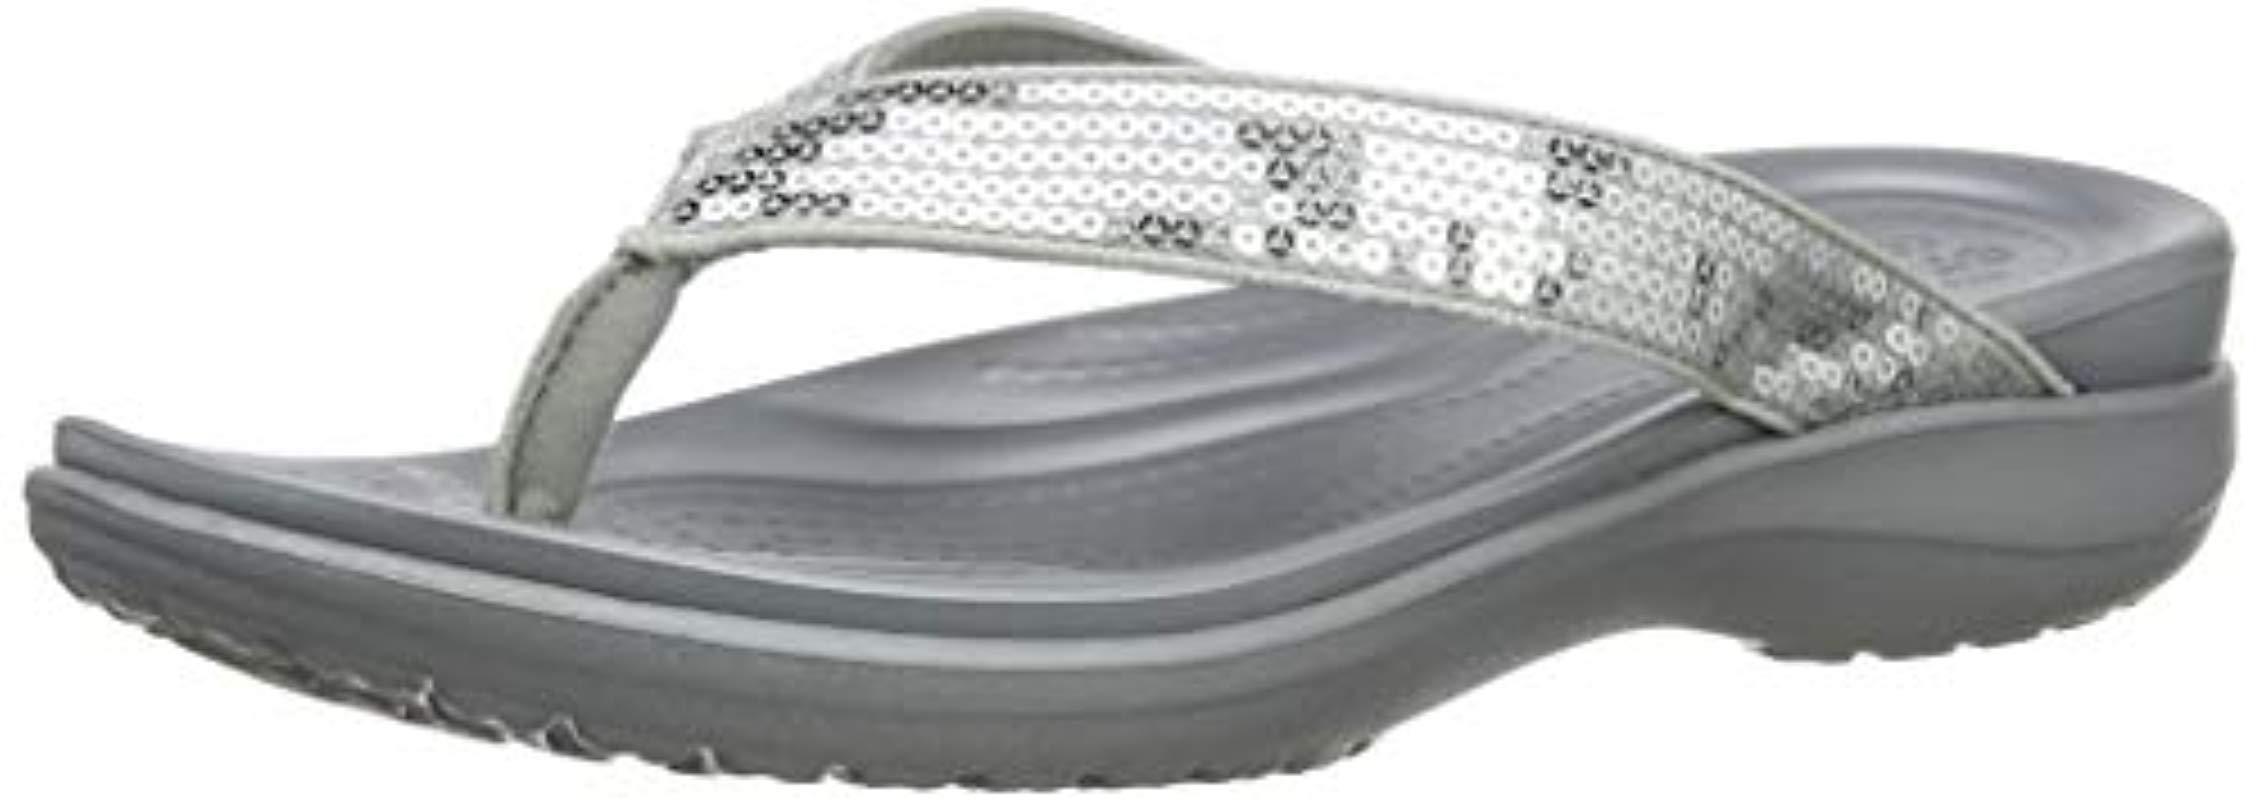 NEW Nwt Crocs Women/'s Capri V Graphic Sequin Flip Flop Shoe Sz:11